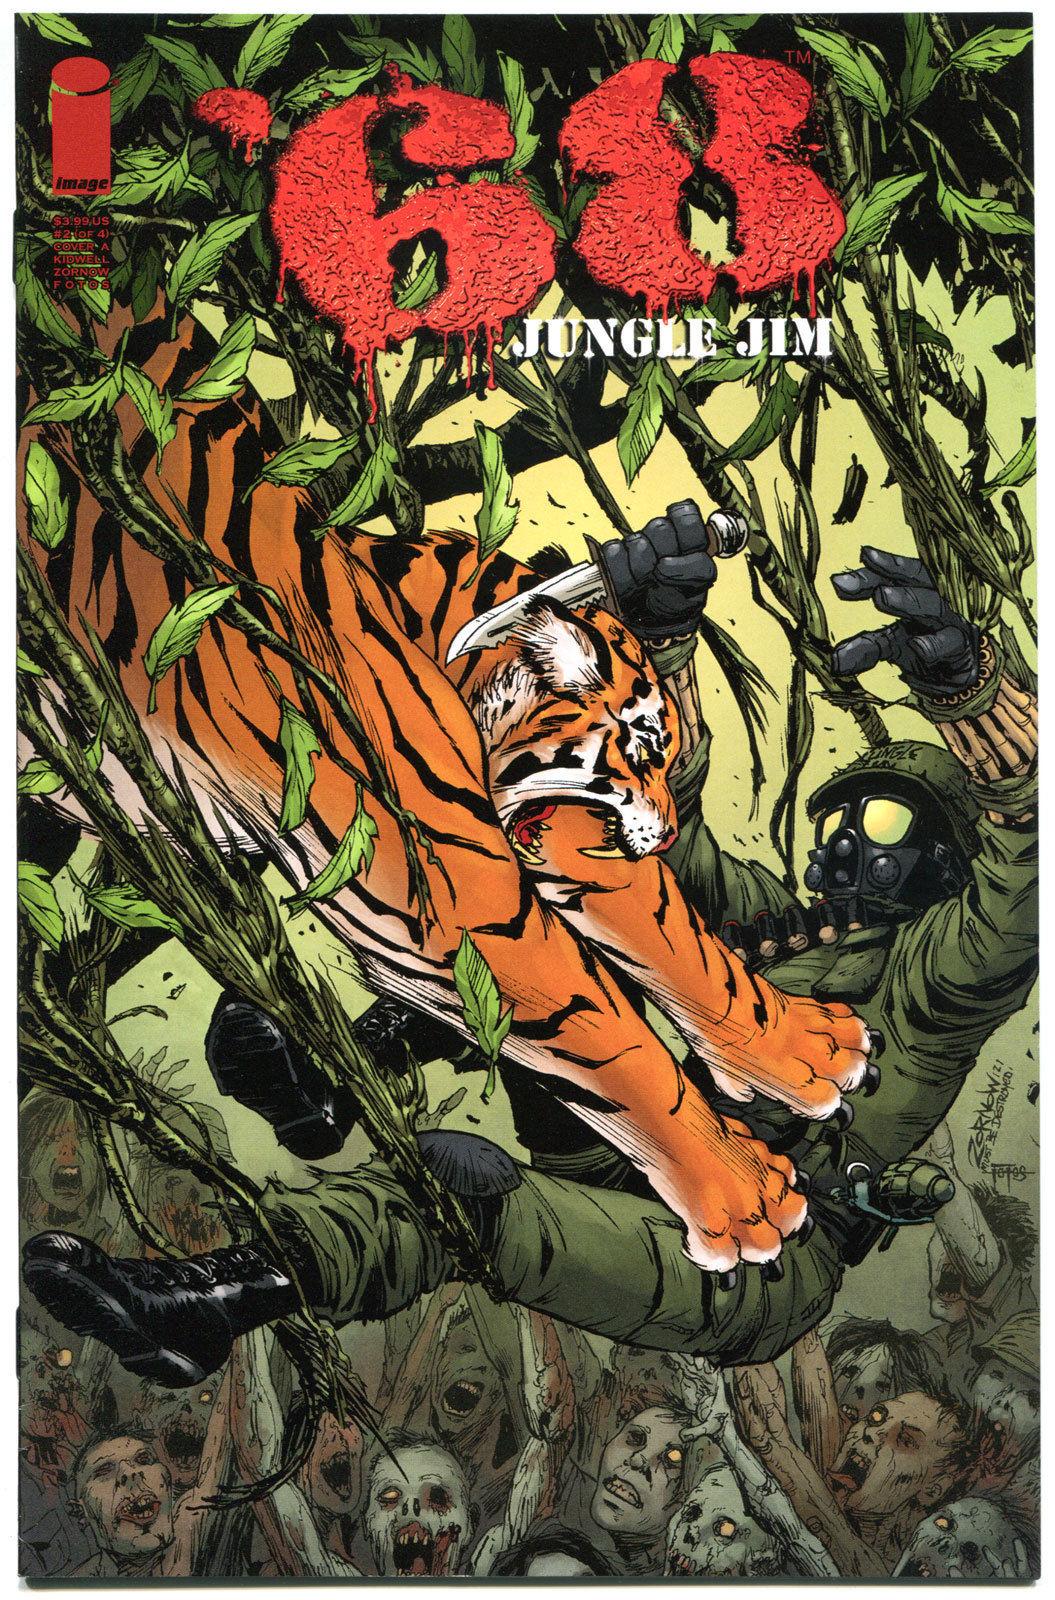 '68 JUNGLE JIM #2 A, VF+, 1st Print, Zombie, Walking Dead, Vietnam War, 2013